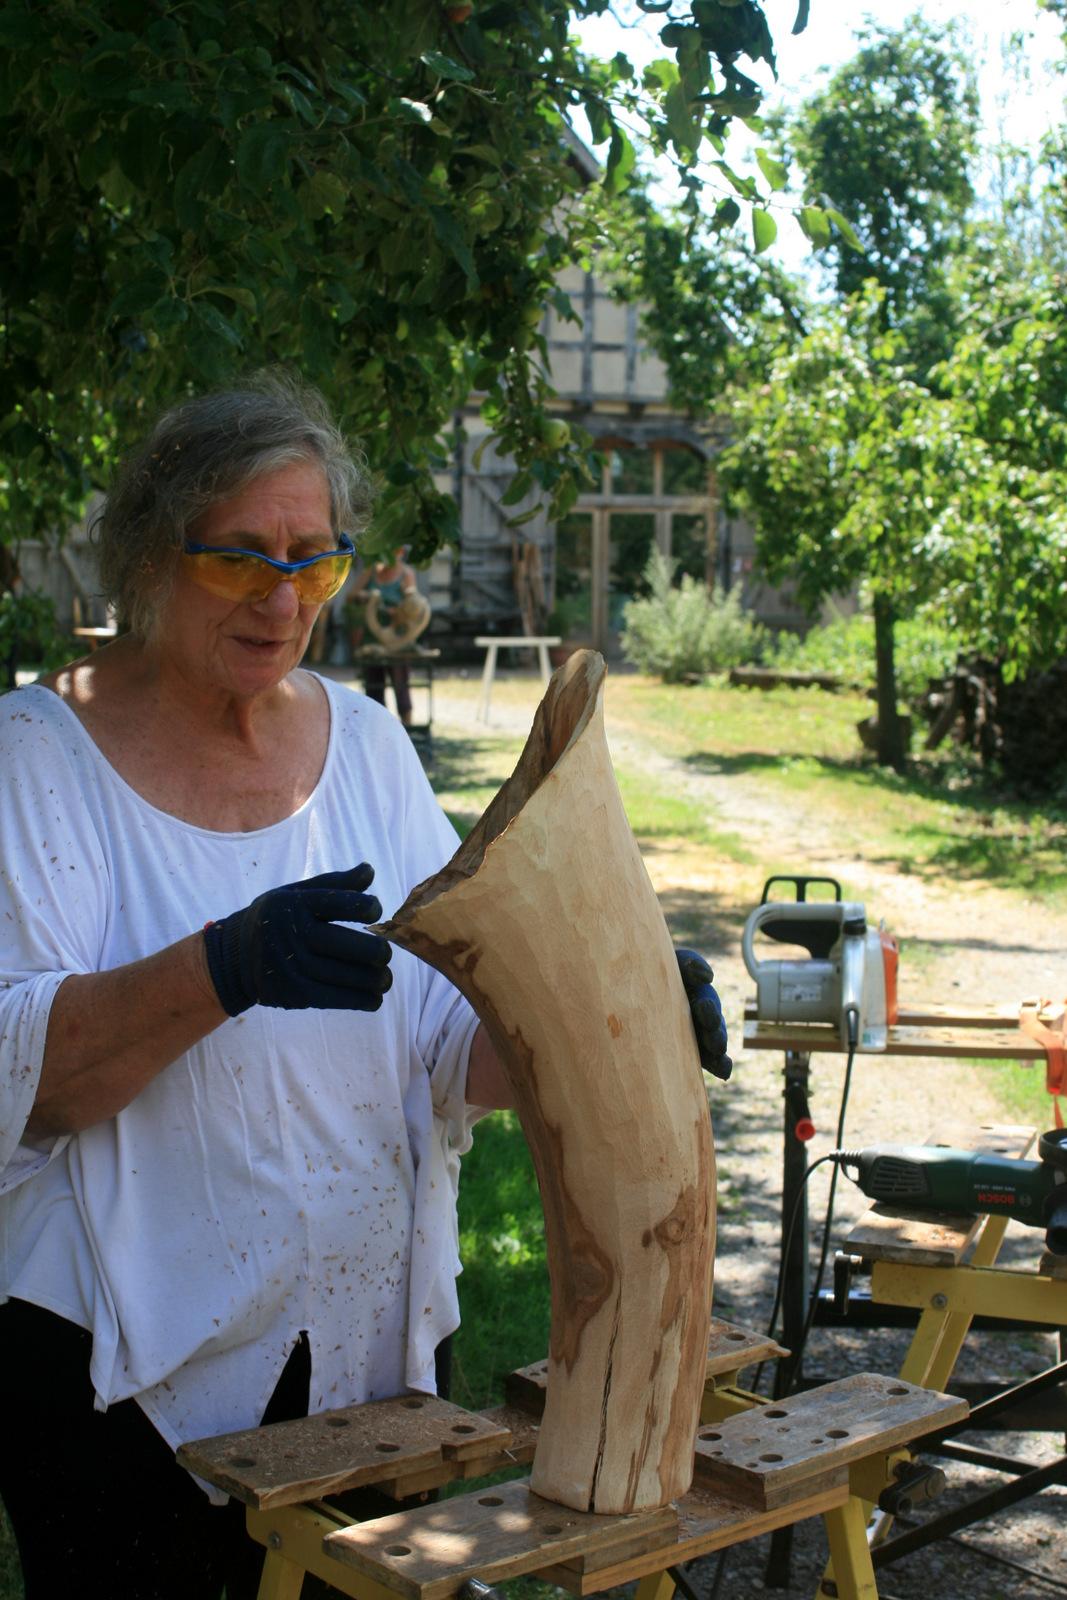 Atelier hestia im Kloster Malgarten: Holzsymposium, Karin MacKay